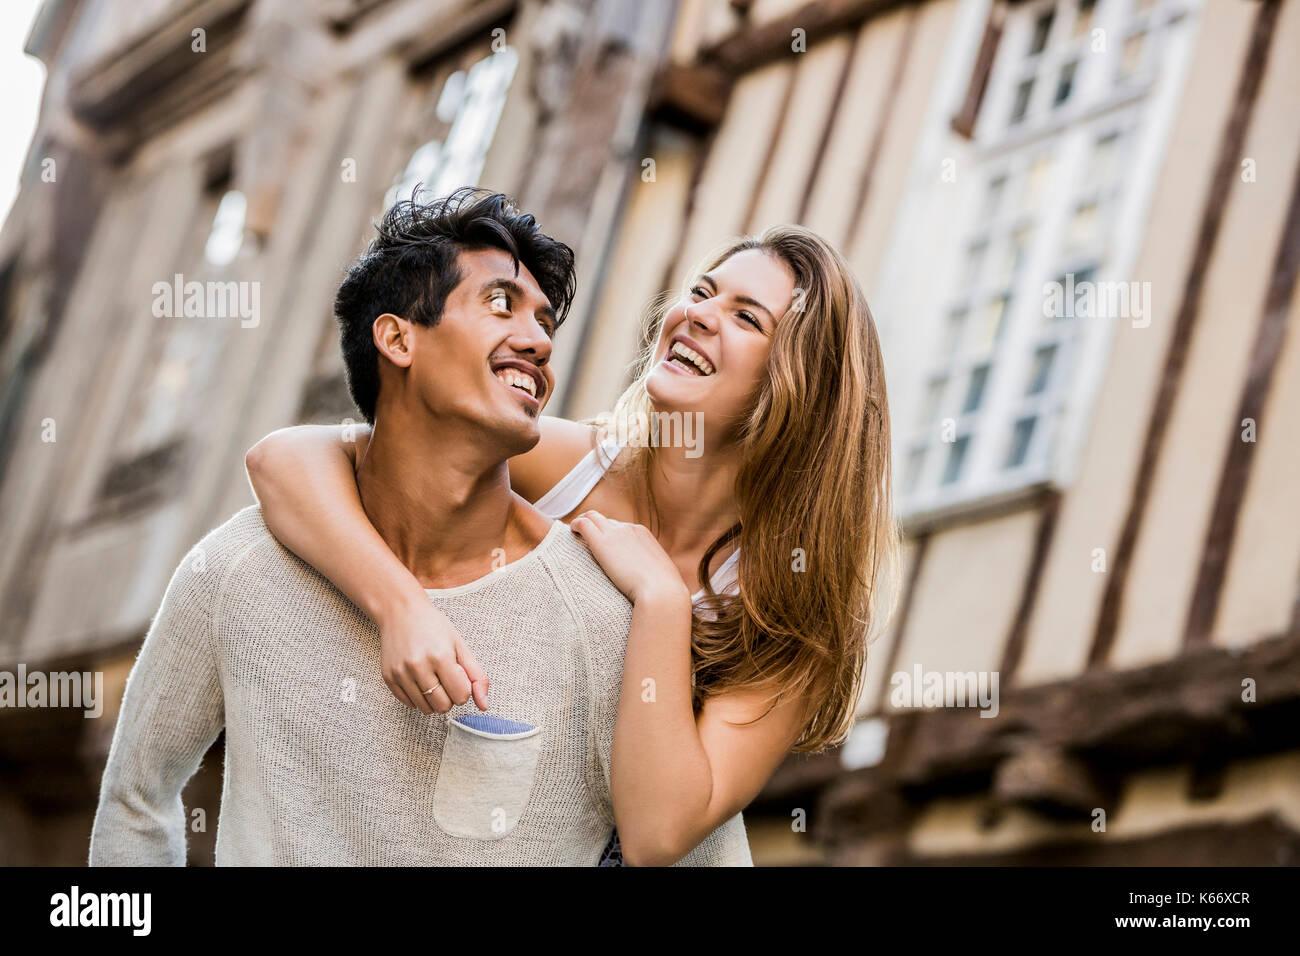 El hombre lleva una mujer en Ciudad piggyback Foto de stock